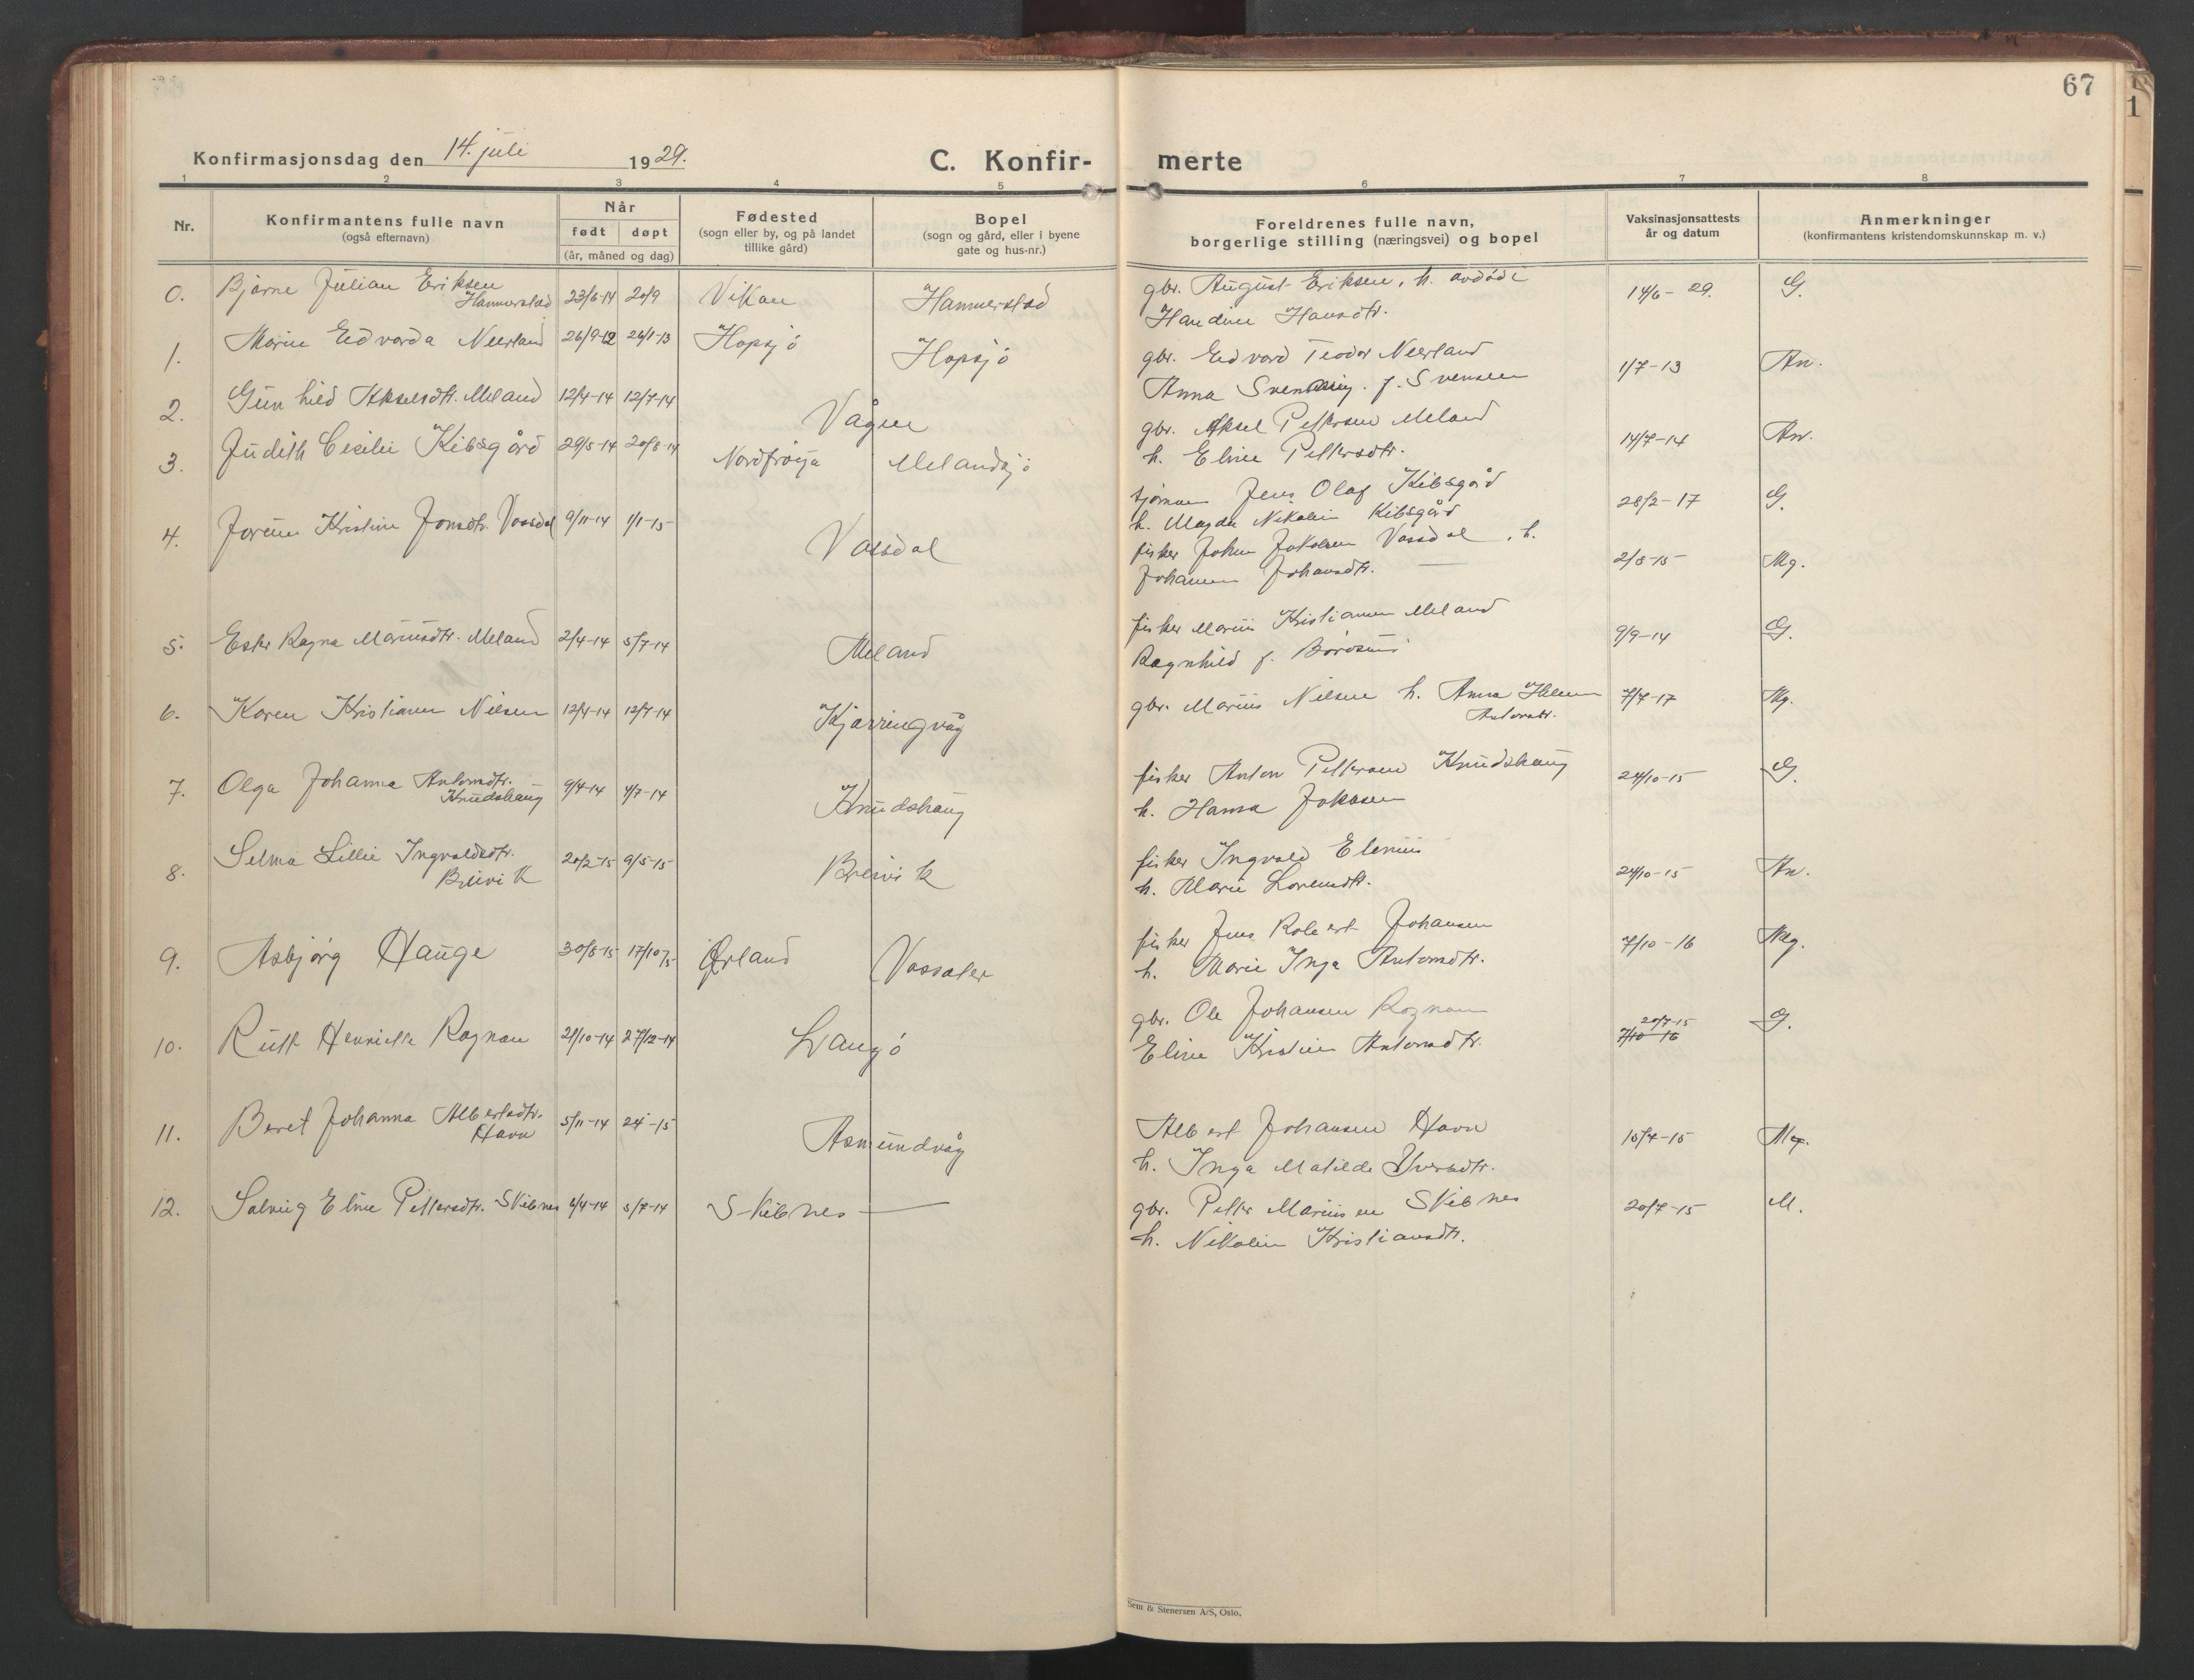 SAT, Ministerialprotokoller, klokkerbøker og fødselsregistre - Sør-Trøndelag, 634/L0544: Klokkerbok nr. 634C06, 1927-1948, s. 67